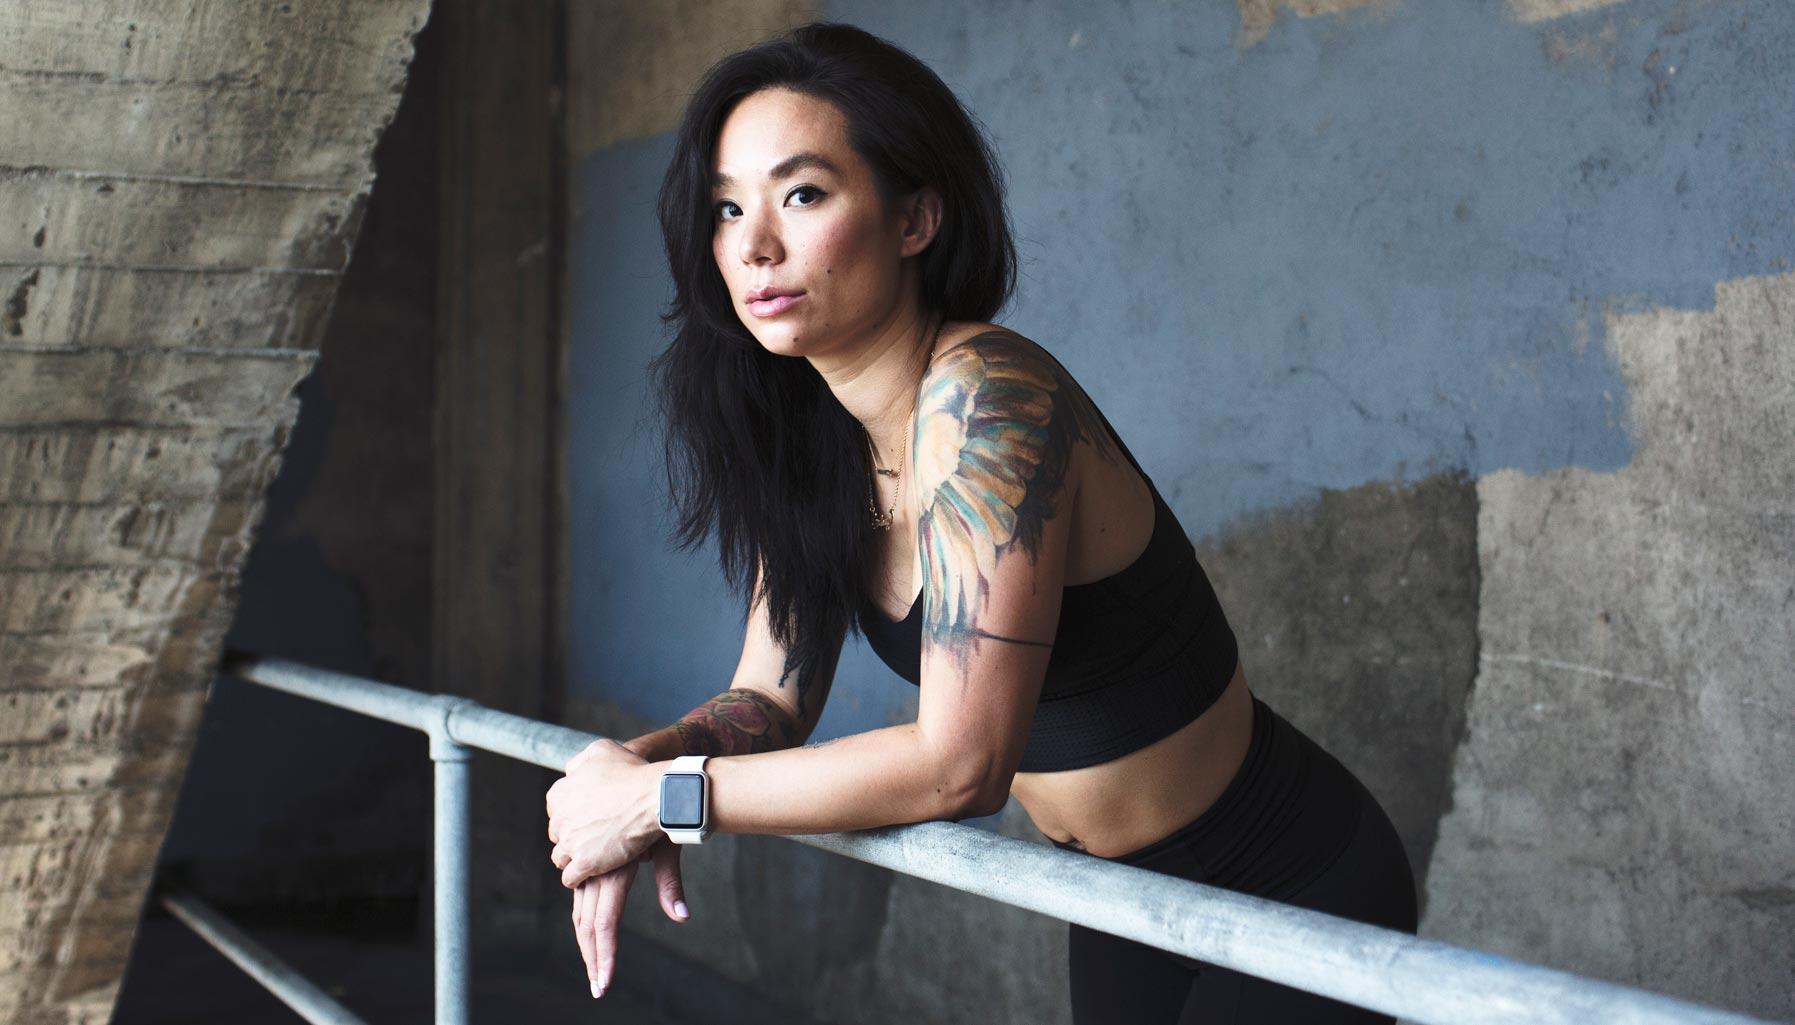 Lindsay Jang